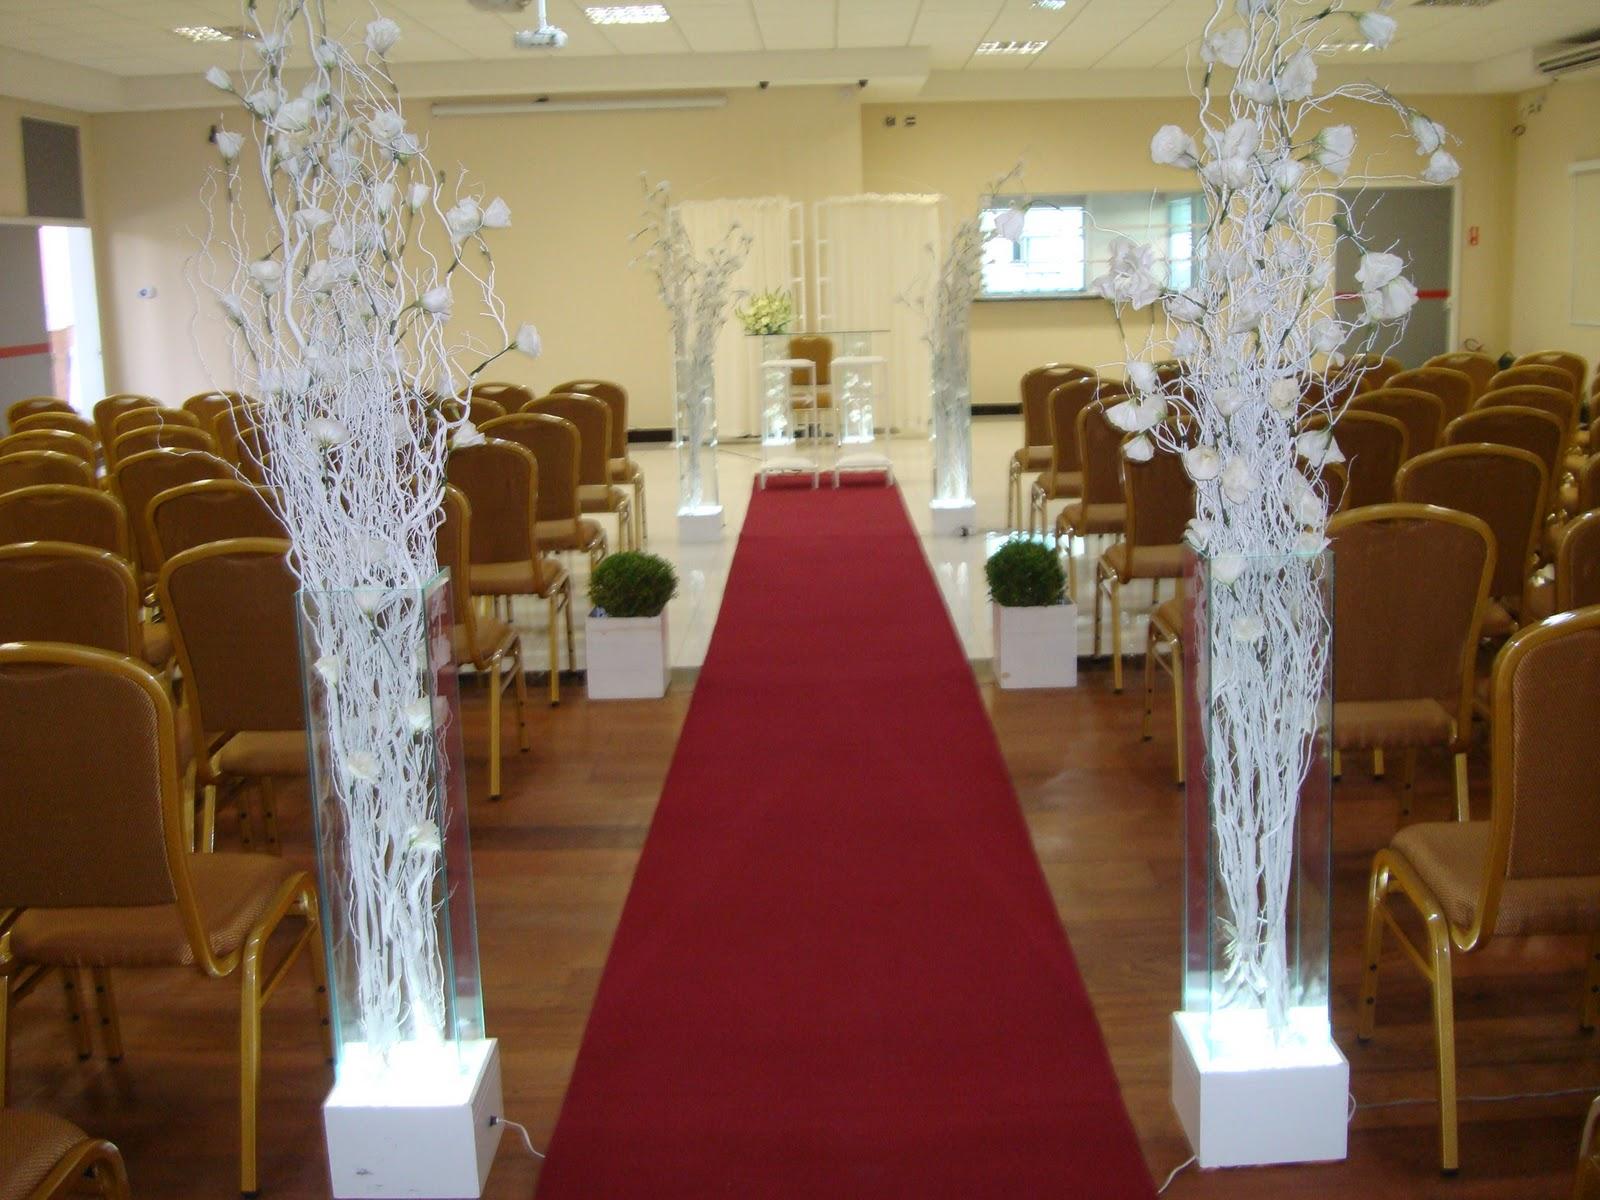 Fotos de decoração de igreja Decoração de igrejas 4730264086